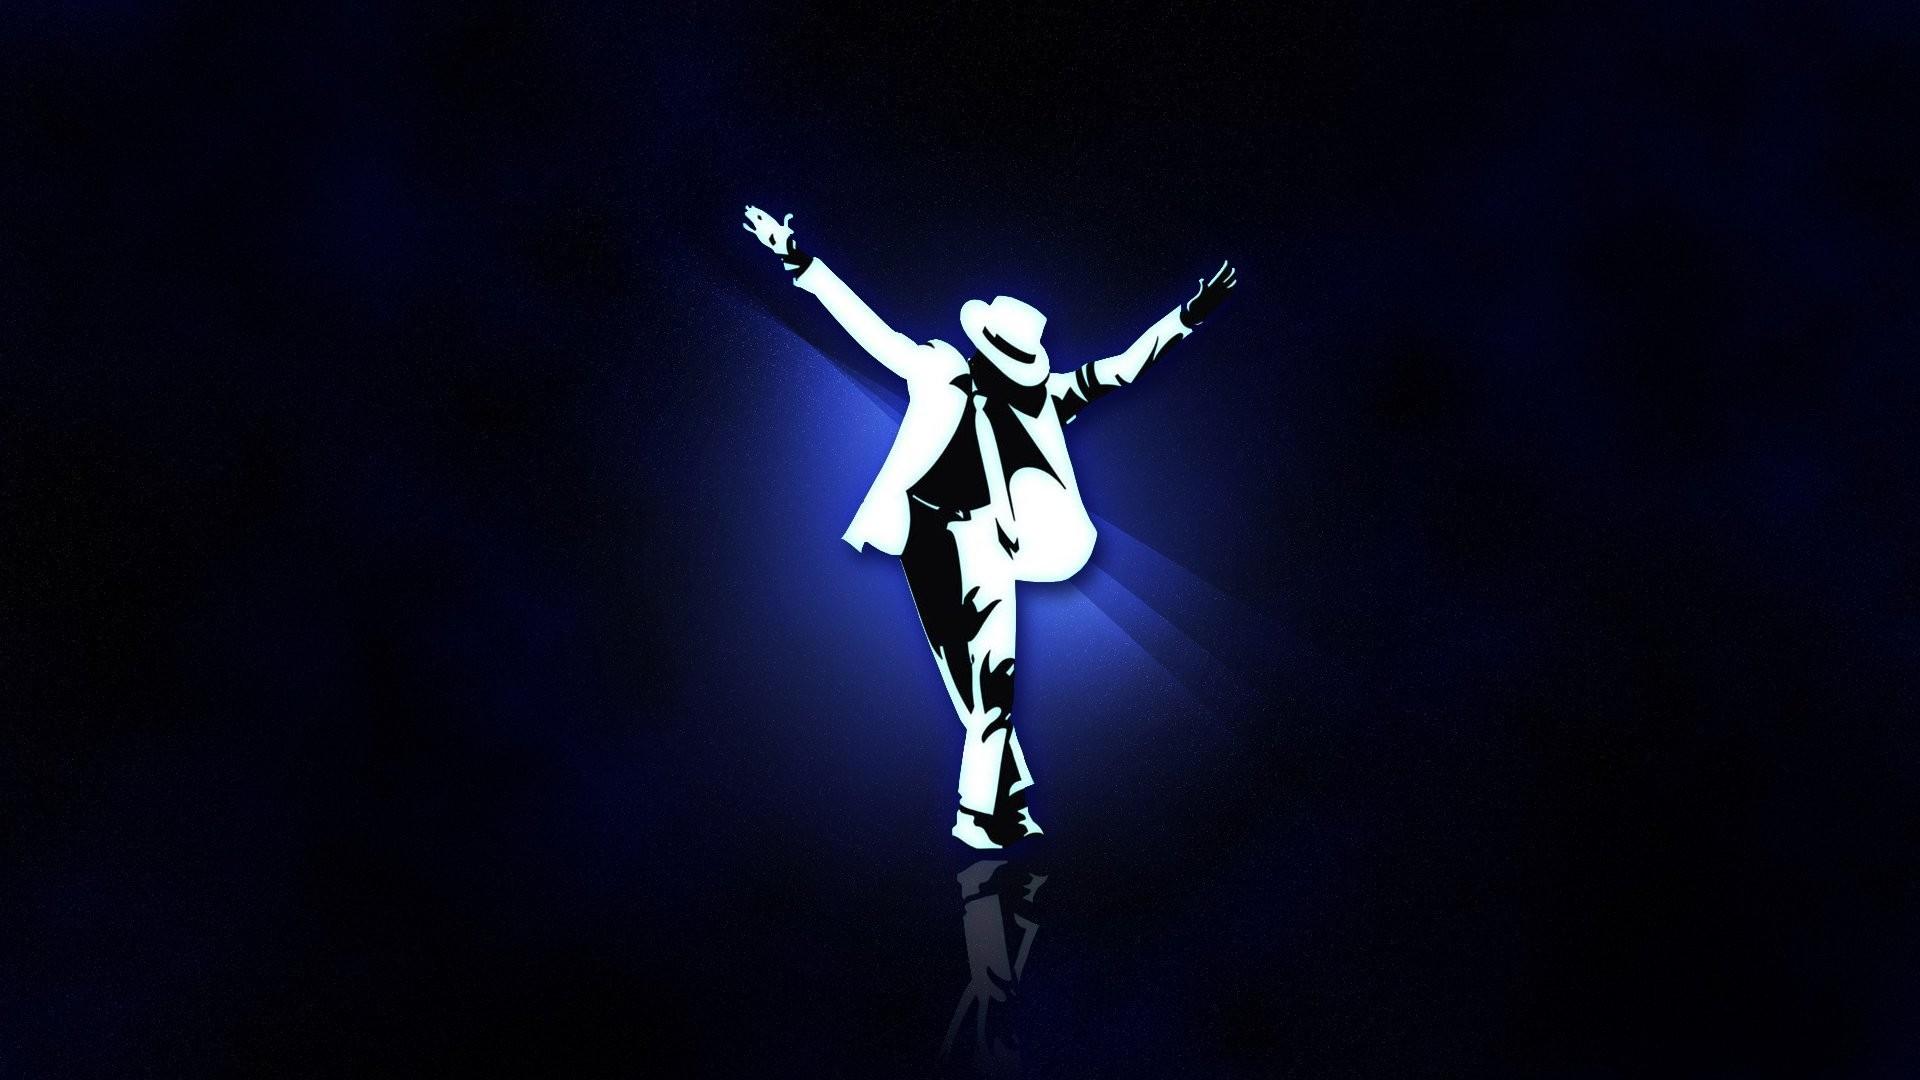 … michael jackson, hands, suit